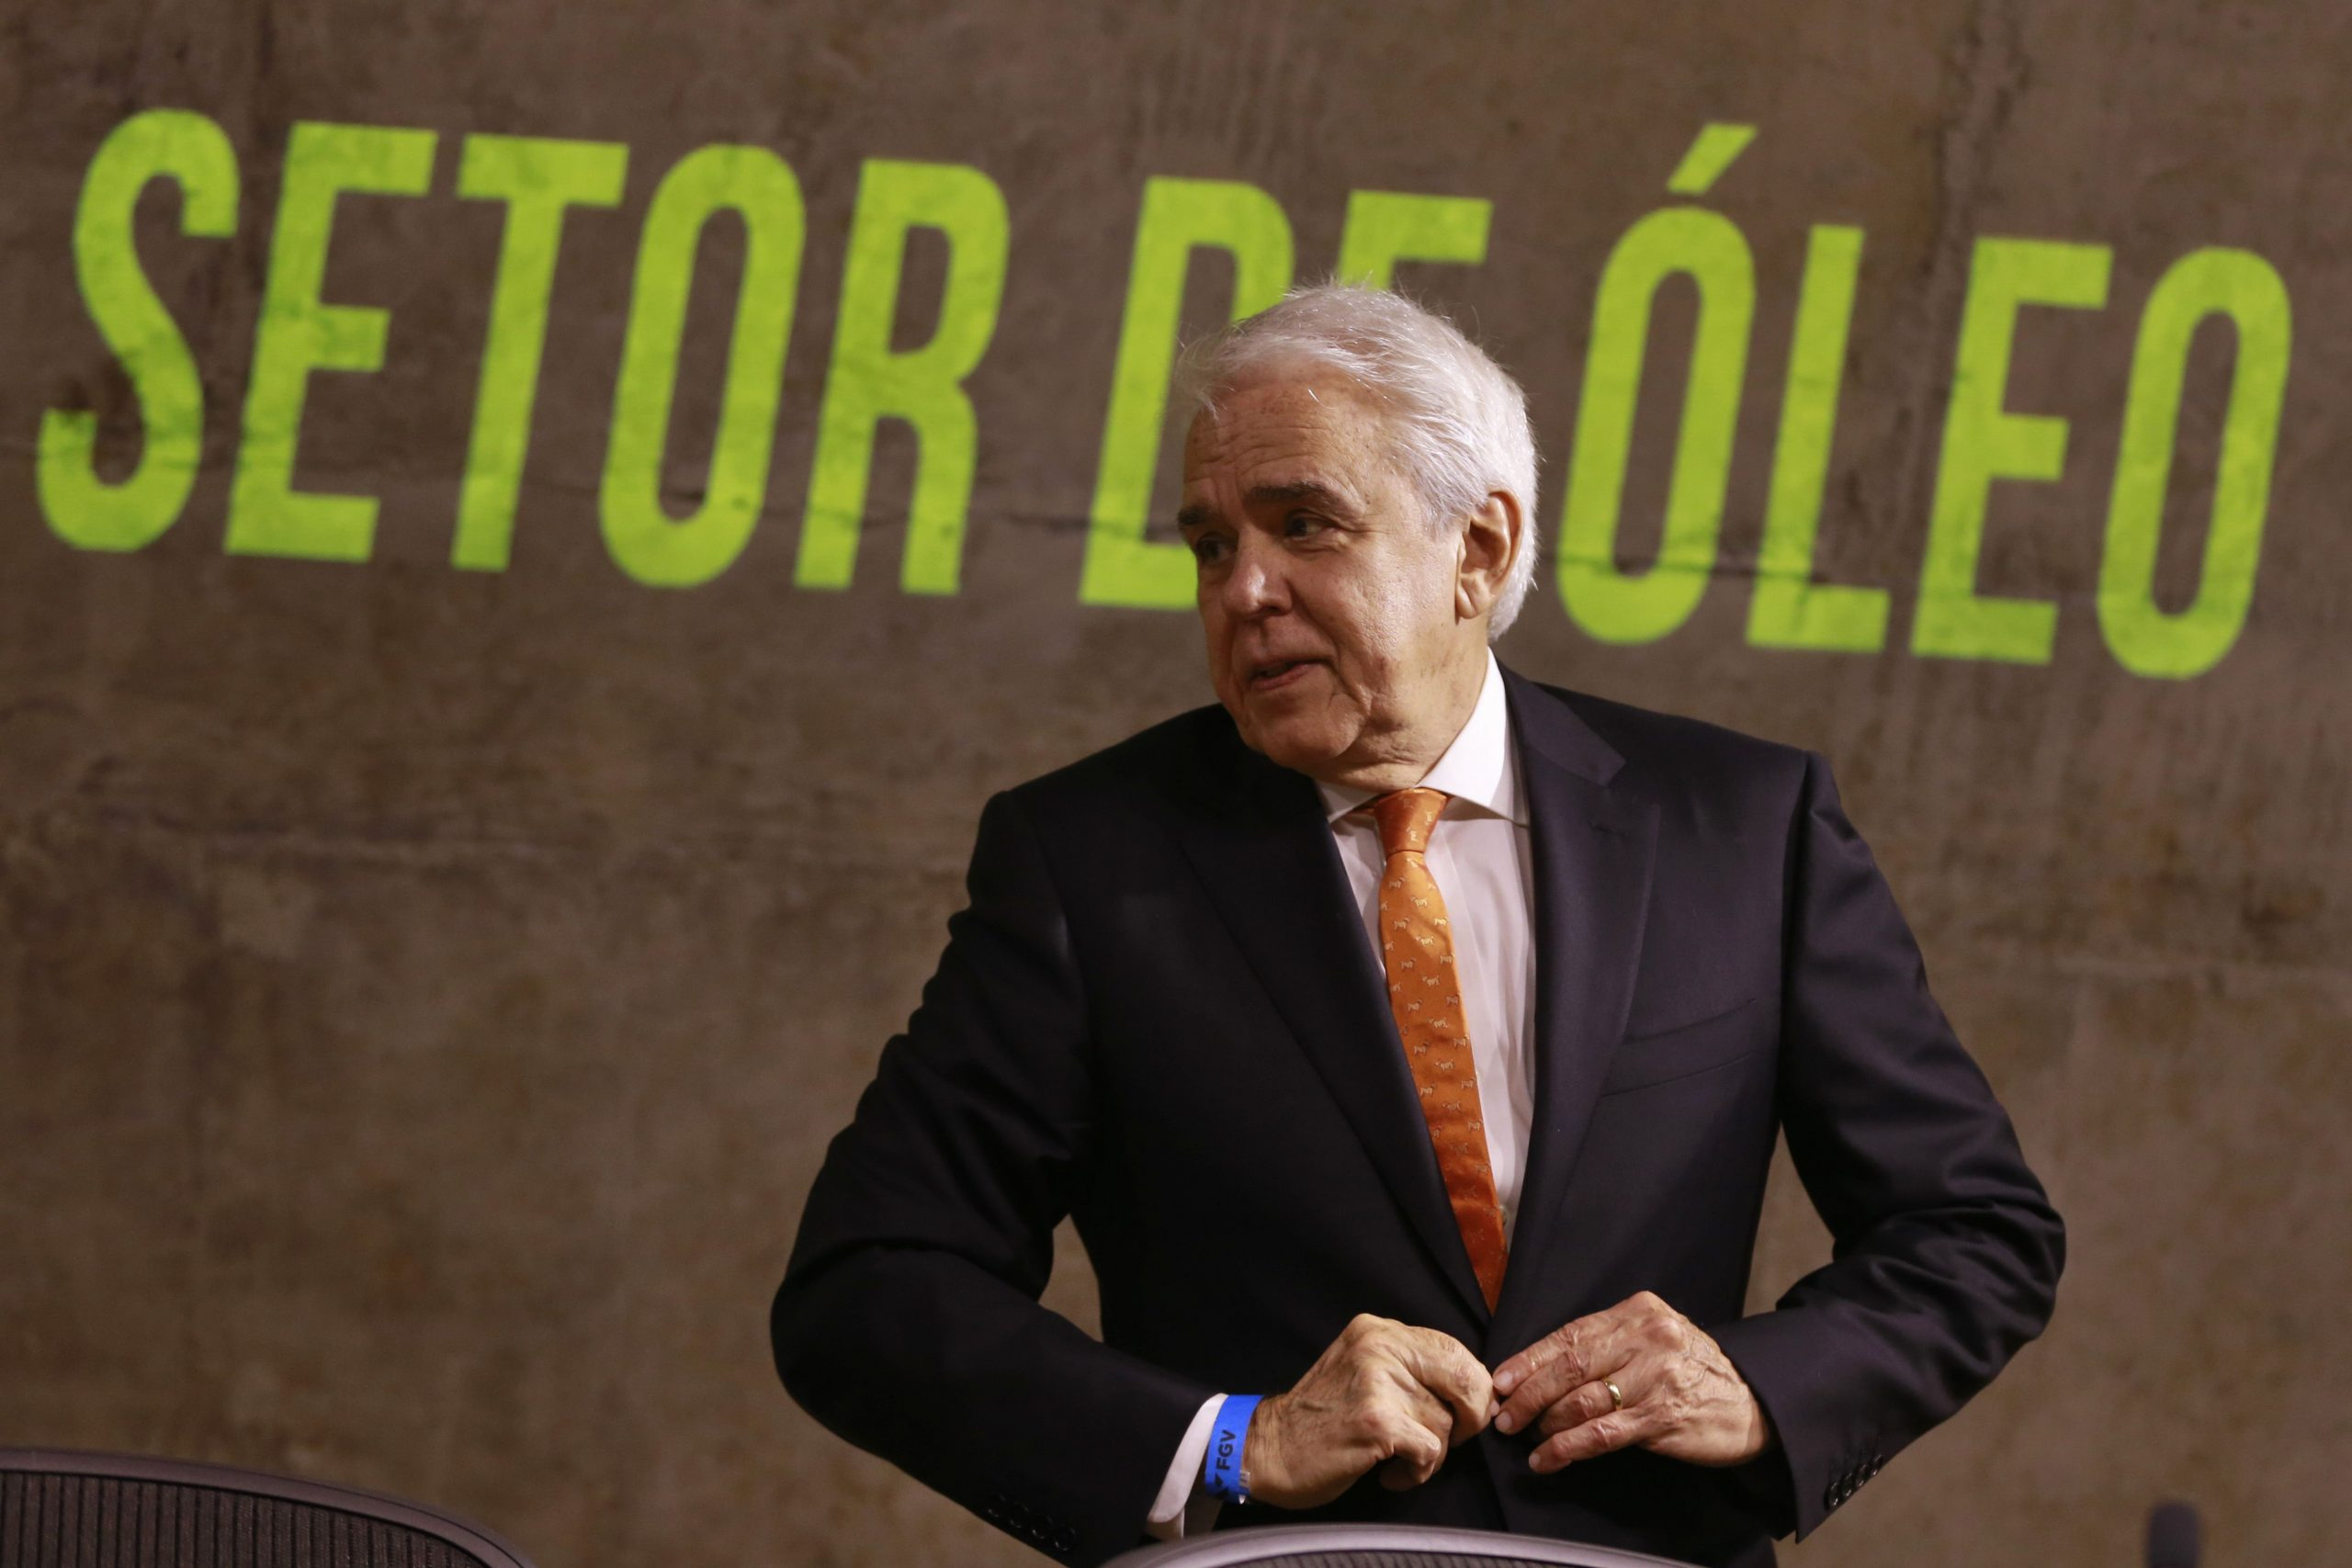 el consejero delegado de petrobras, roberto castello branco, durante un seminario económico en la fundación getulio vargas